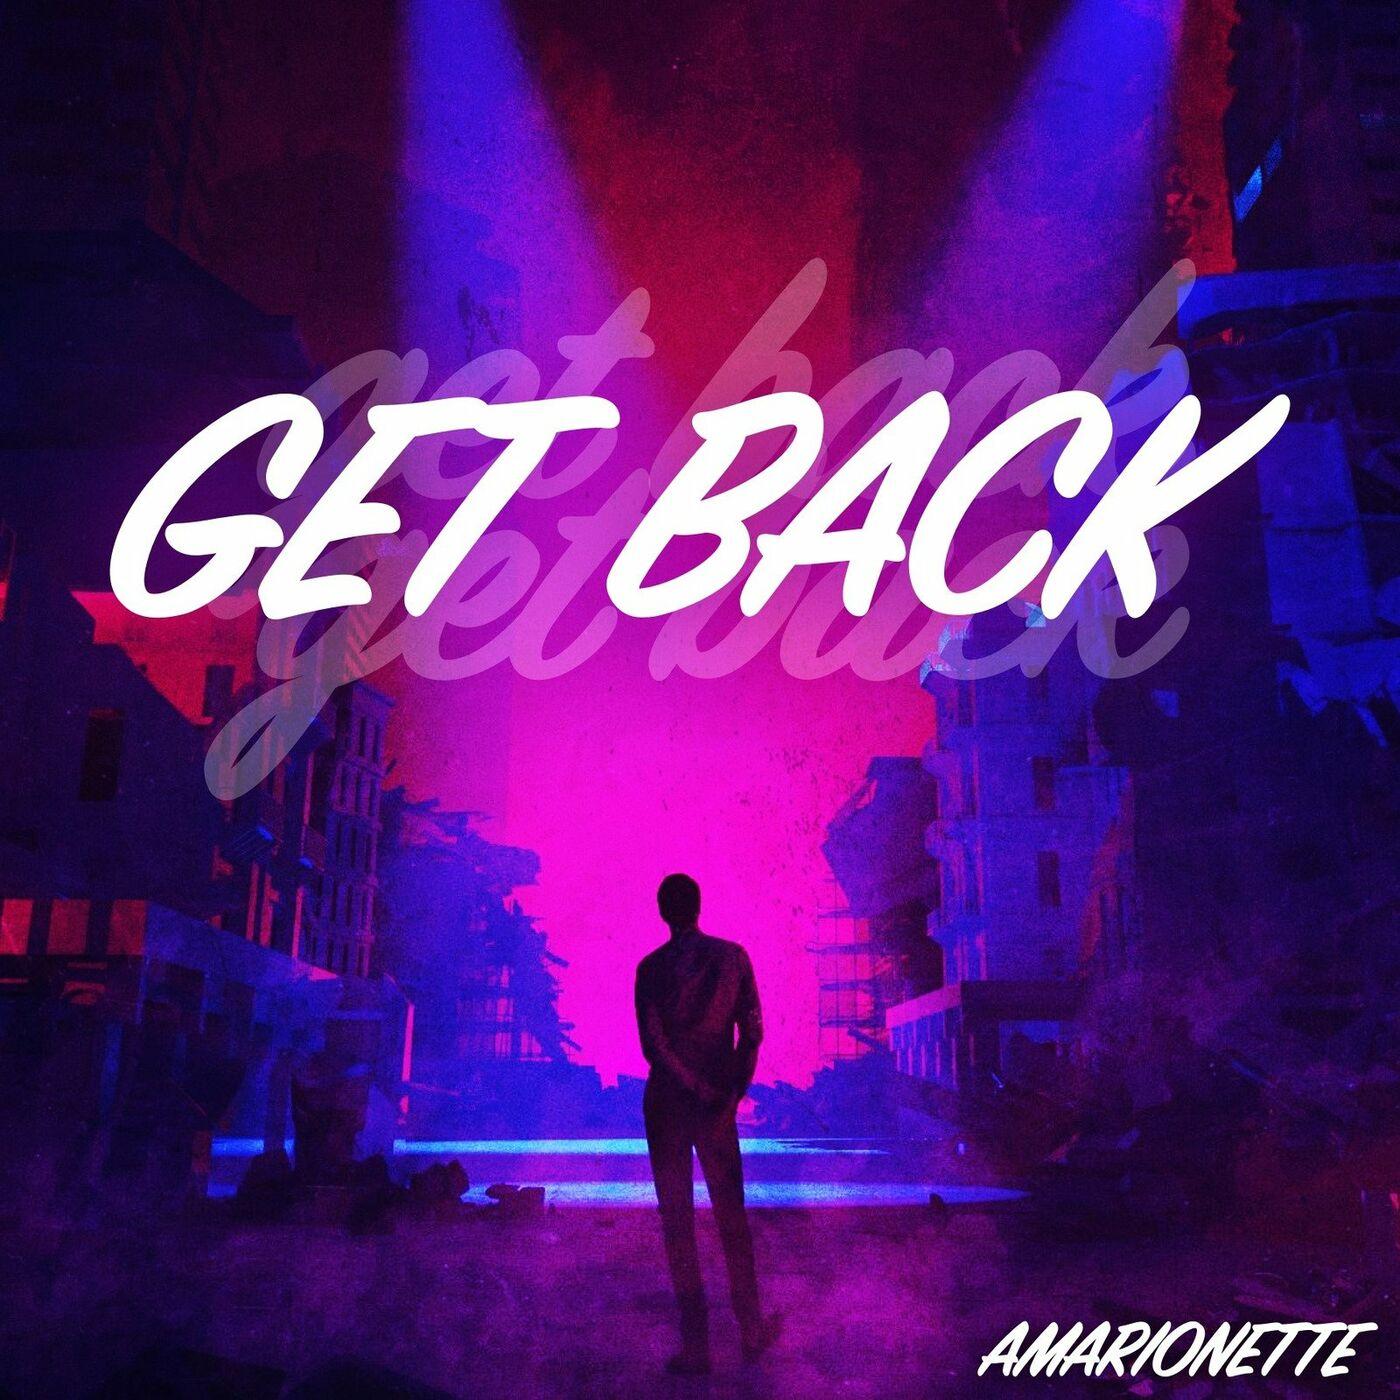 Amarionette - Get Back [single] (2021)